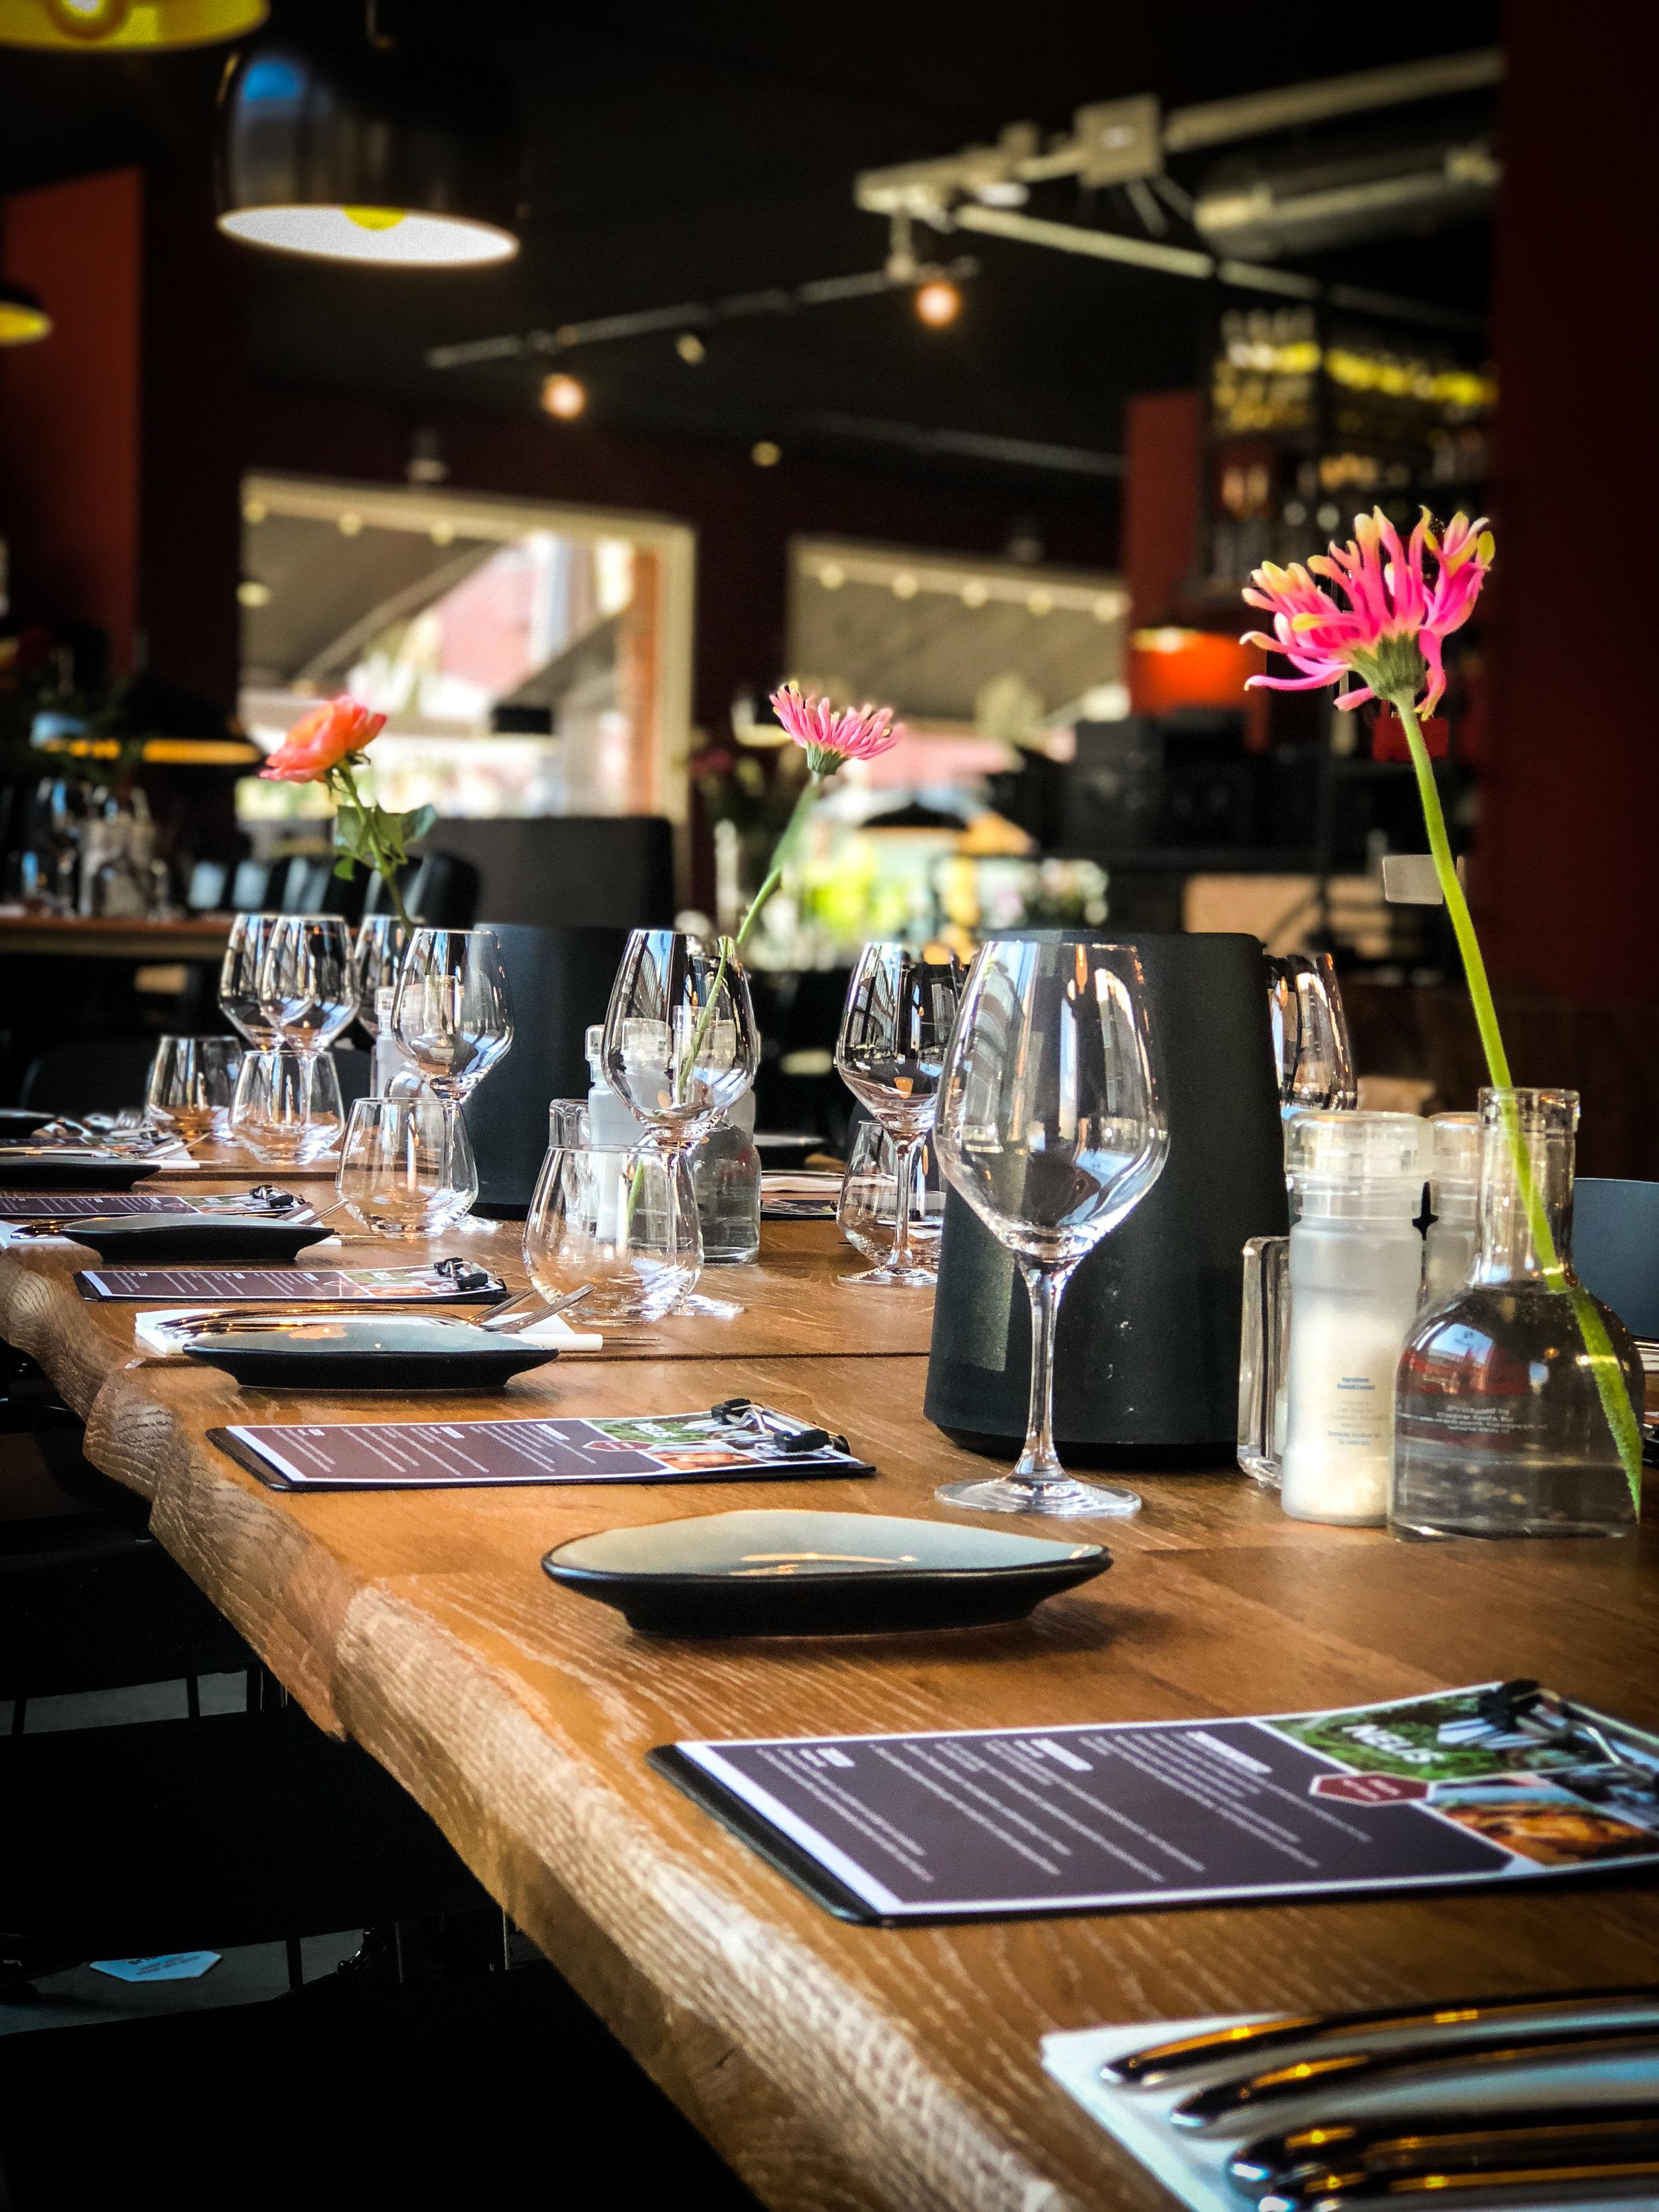 Bedrijfsborrel | Bedrijfsfeest | Bedrijfsdiner Amsterdam | Restaurant NELIS West